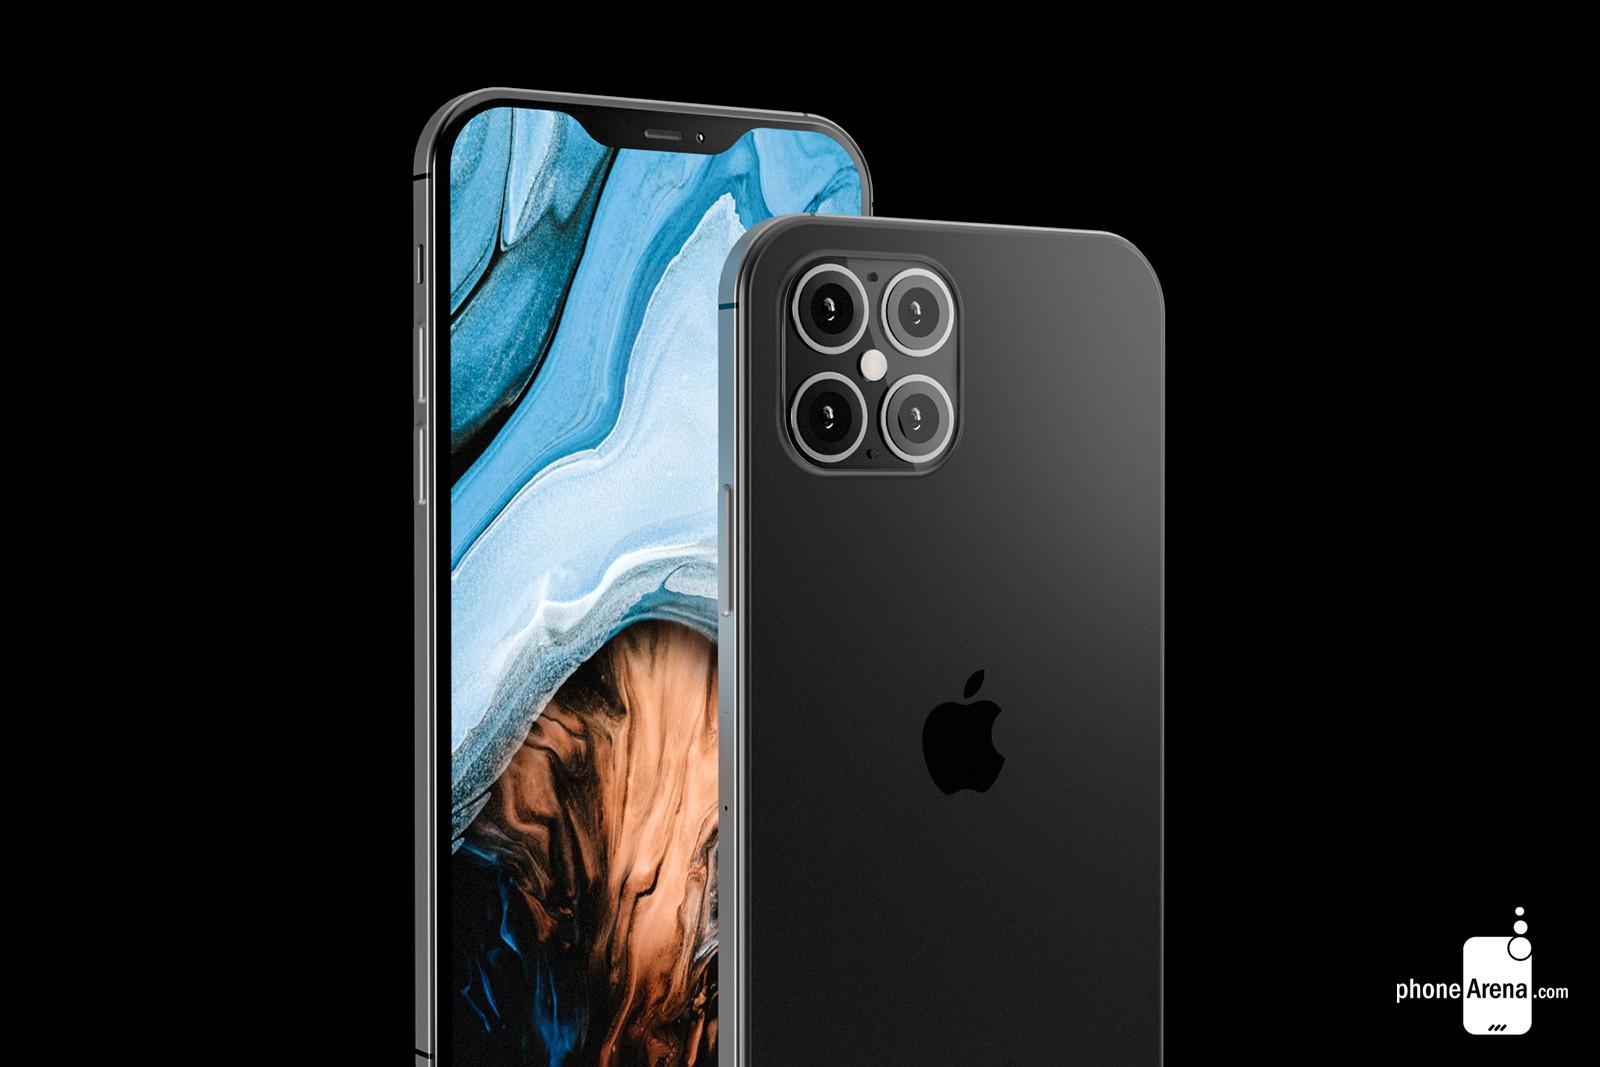 Cùng ngắm concept iPhone 12 với thiết kế giống iPhone 4, 'tai thỏ' nhỏ gọn hơn cùng 4 camera ở mặt lưng trông ra sao?